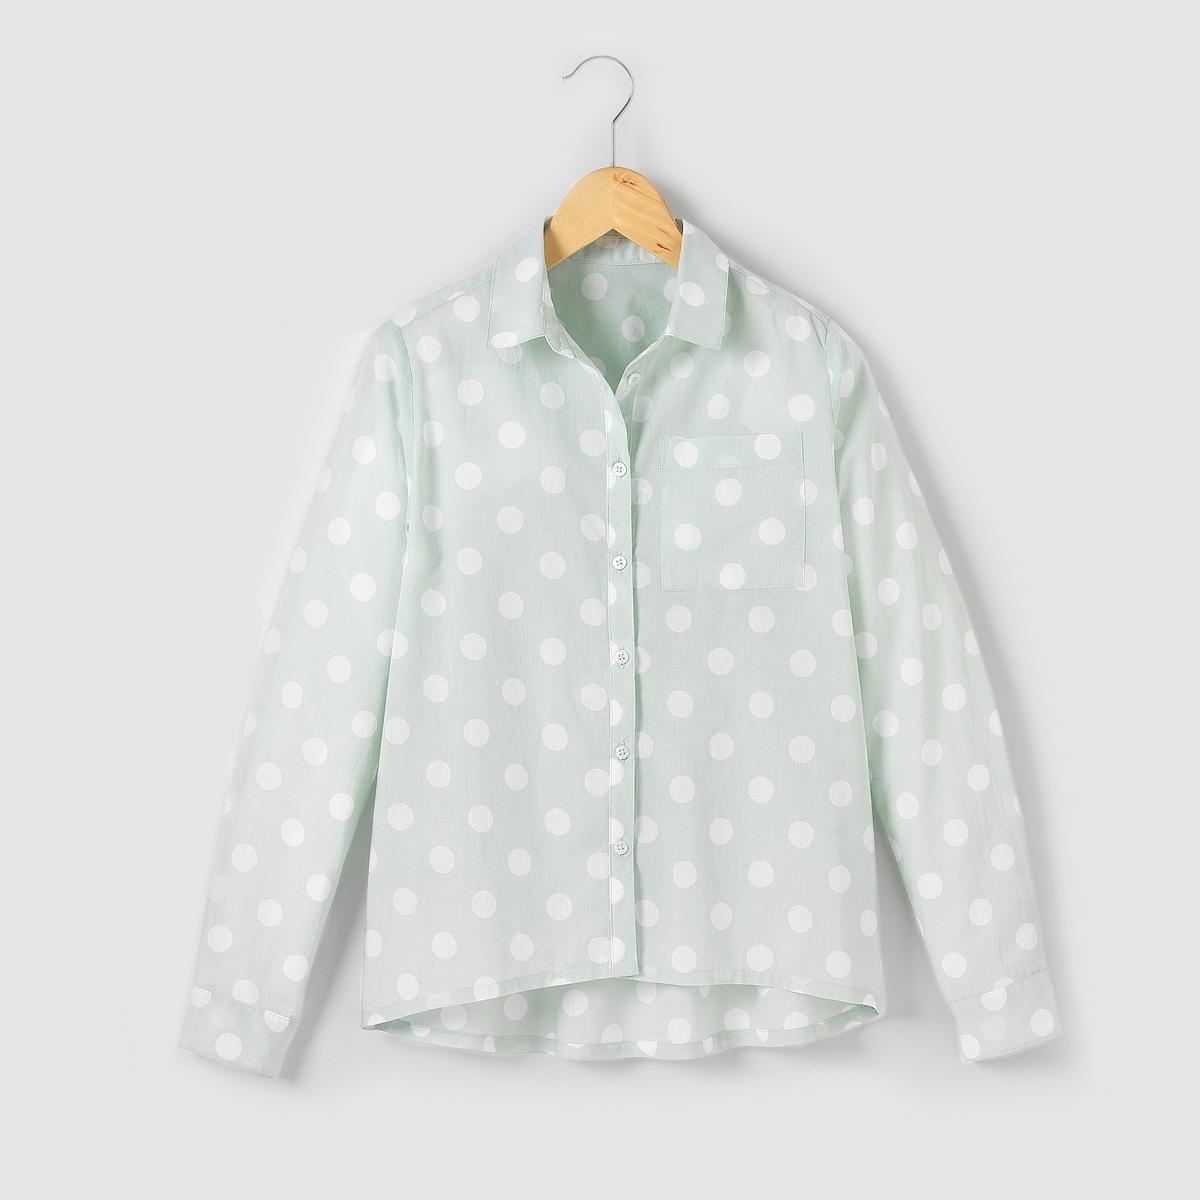 Рубашка в горошек,10-16 летРубашка в горошек. Застежка на пуговицы. Нагрудный карман. Немного длиннее сзади. Состав и описаниеМатериал       100% хлопкаУХОДСтирать и гладить с изнаночной стороныМашинная стирка при 30°C, с вещами подобных цветовМашинная сушка в умеренном режимеГладить при умеренной температуре.<br><br>Цвет: синий наб. рисунок